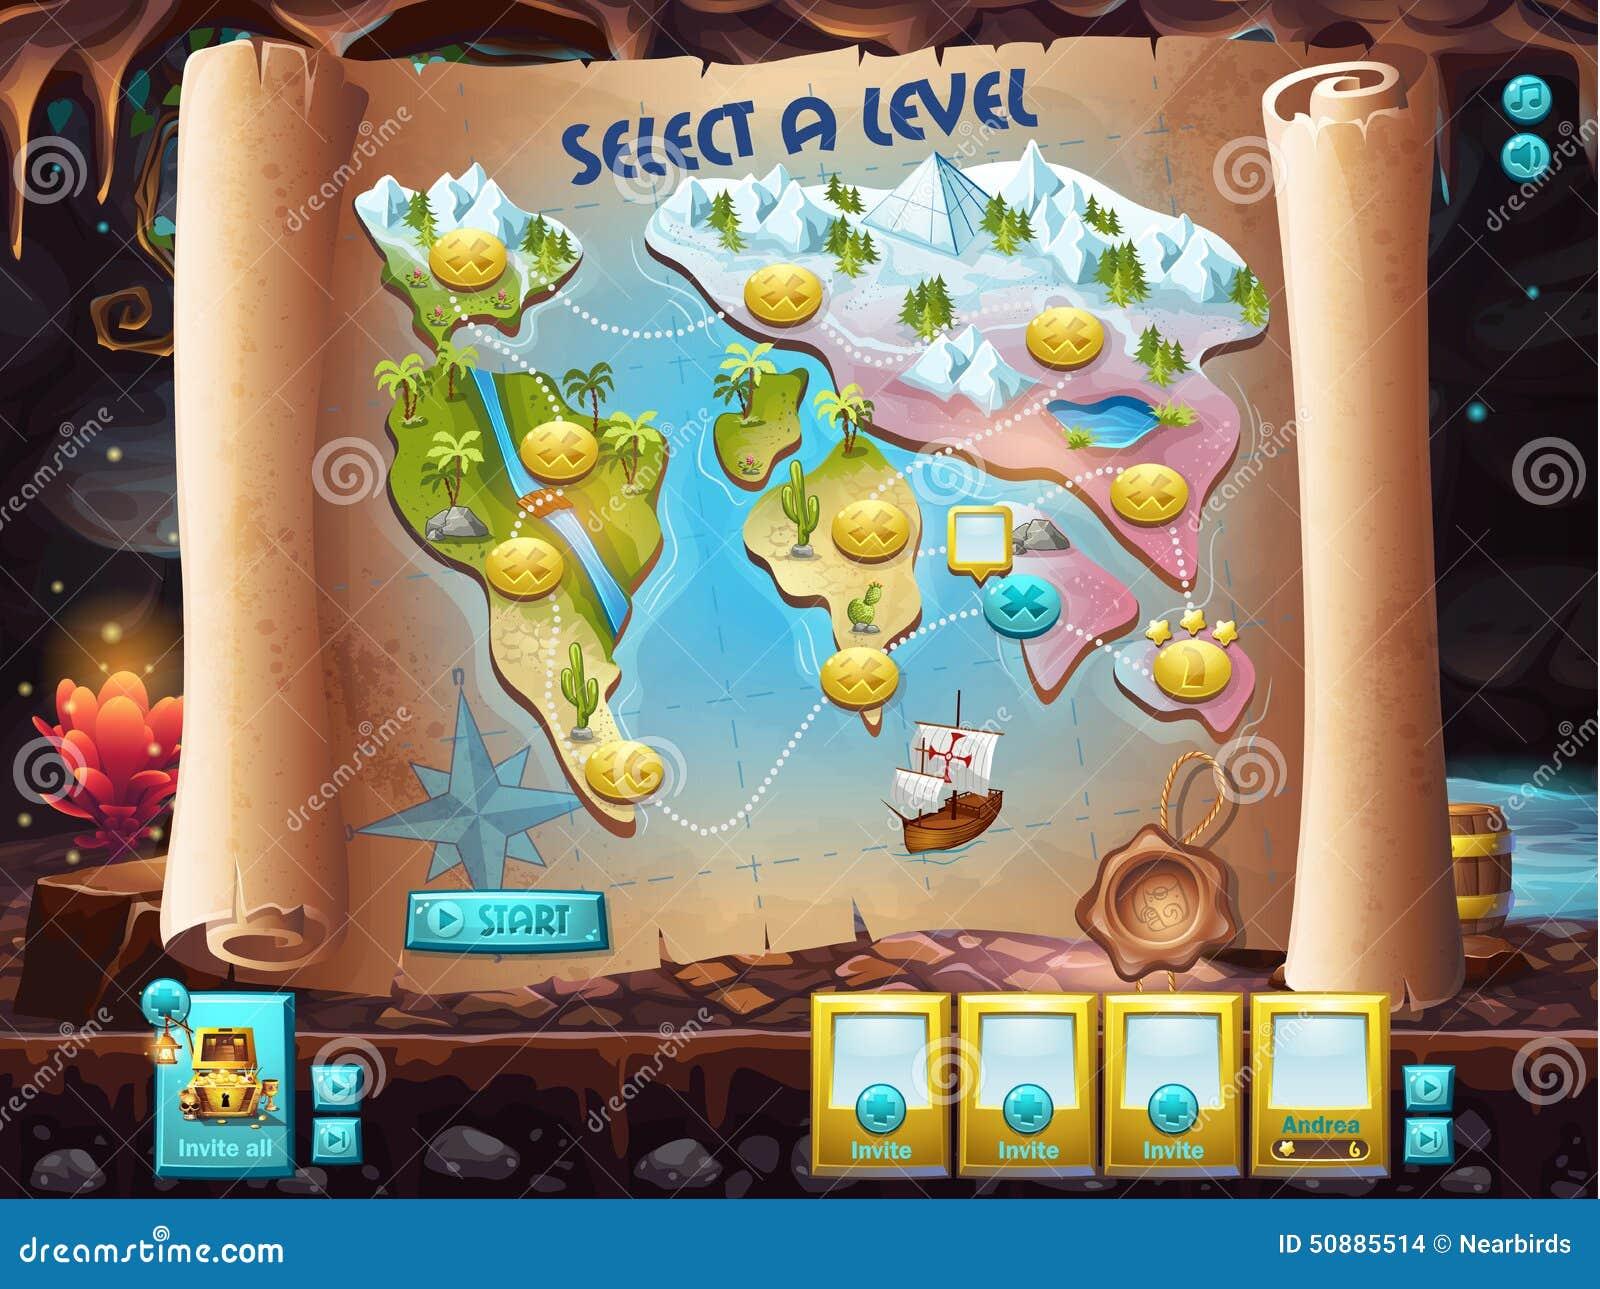 Παράδειγμα του ενδιάμεσου με τον χρήστη για να επιλέξει το επίπεδο για να παίξει το κυνήγι θησαυρών